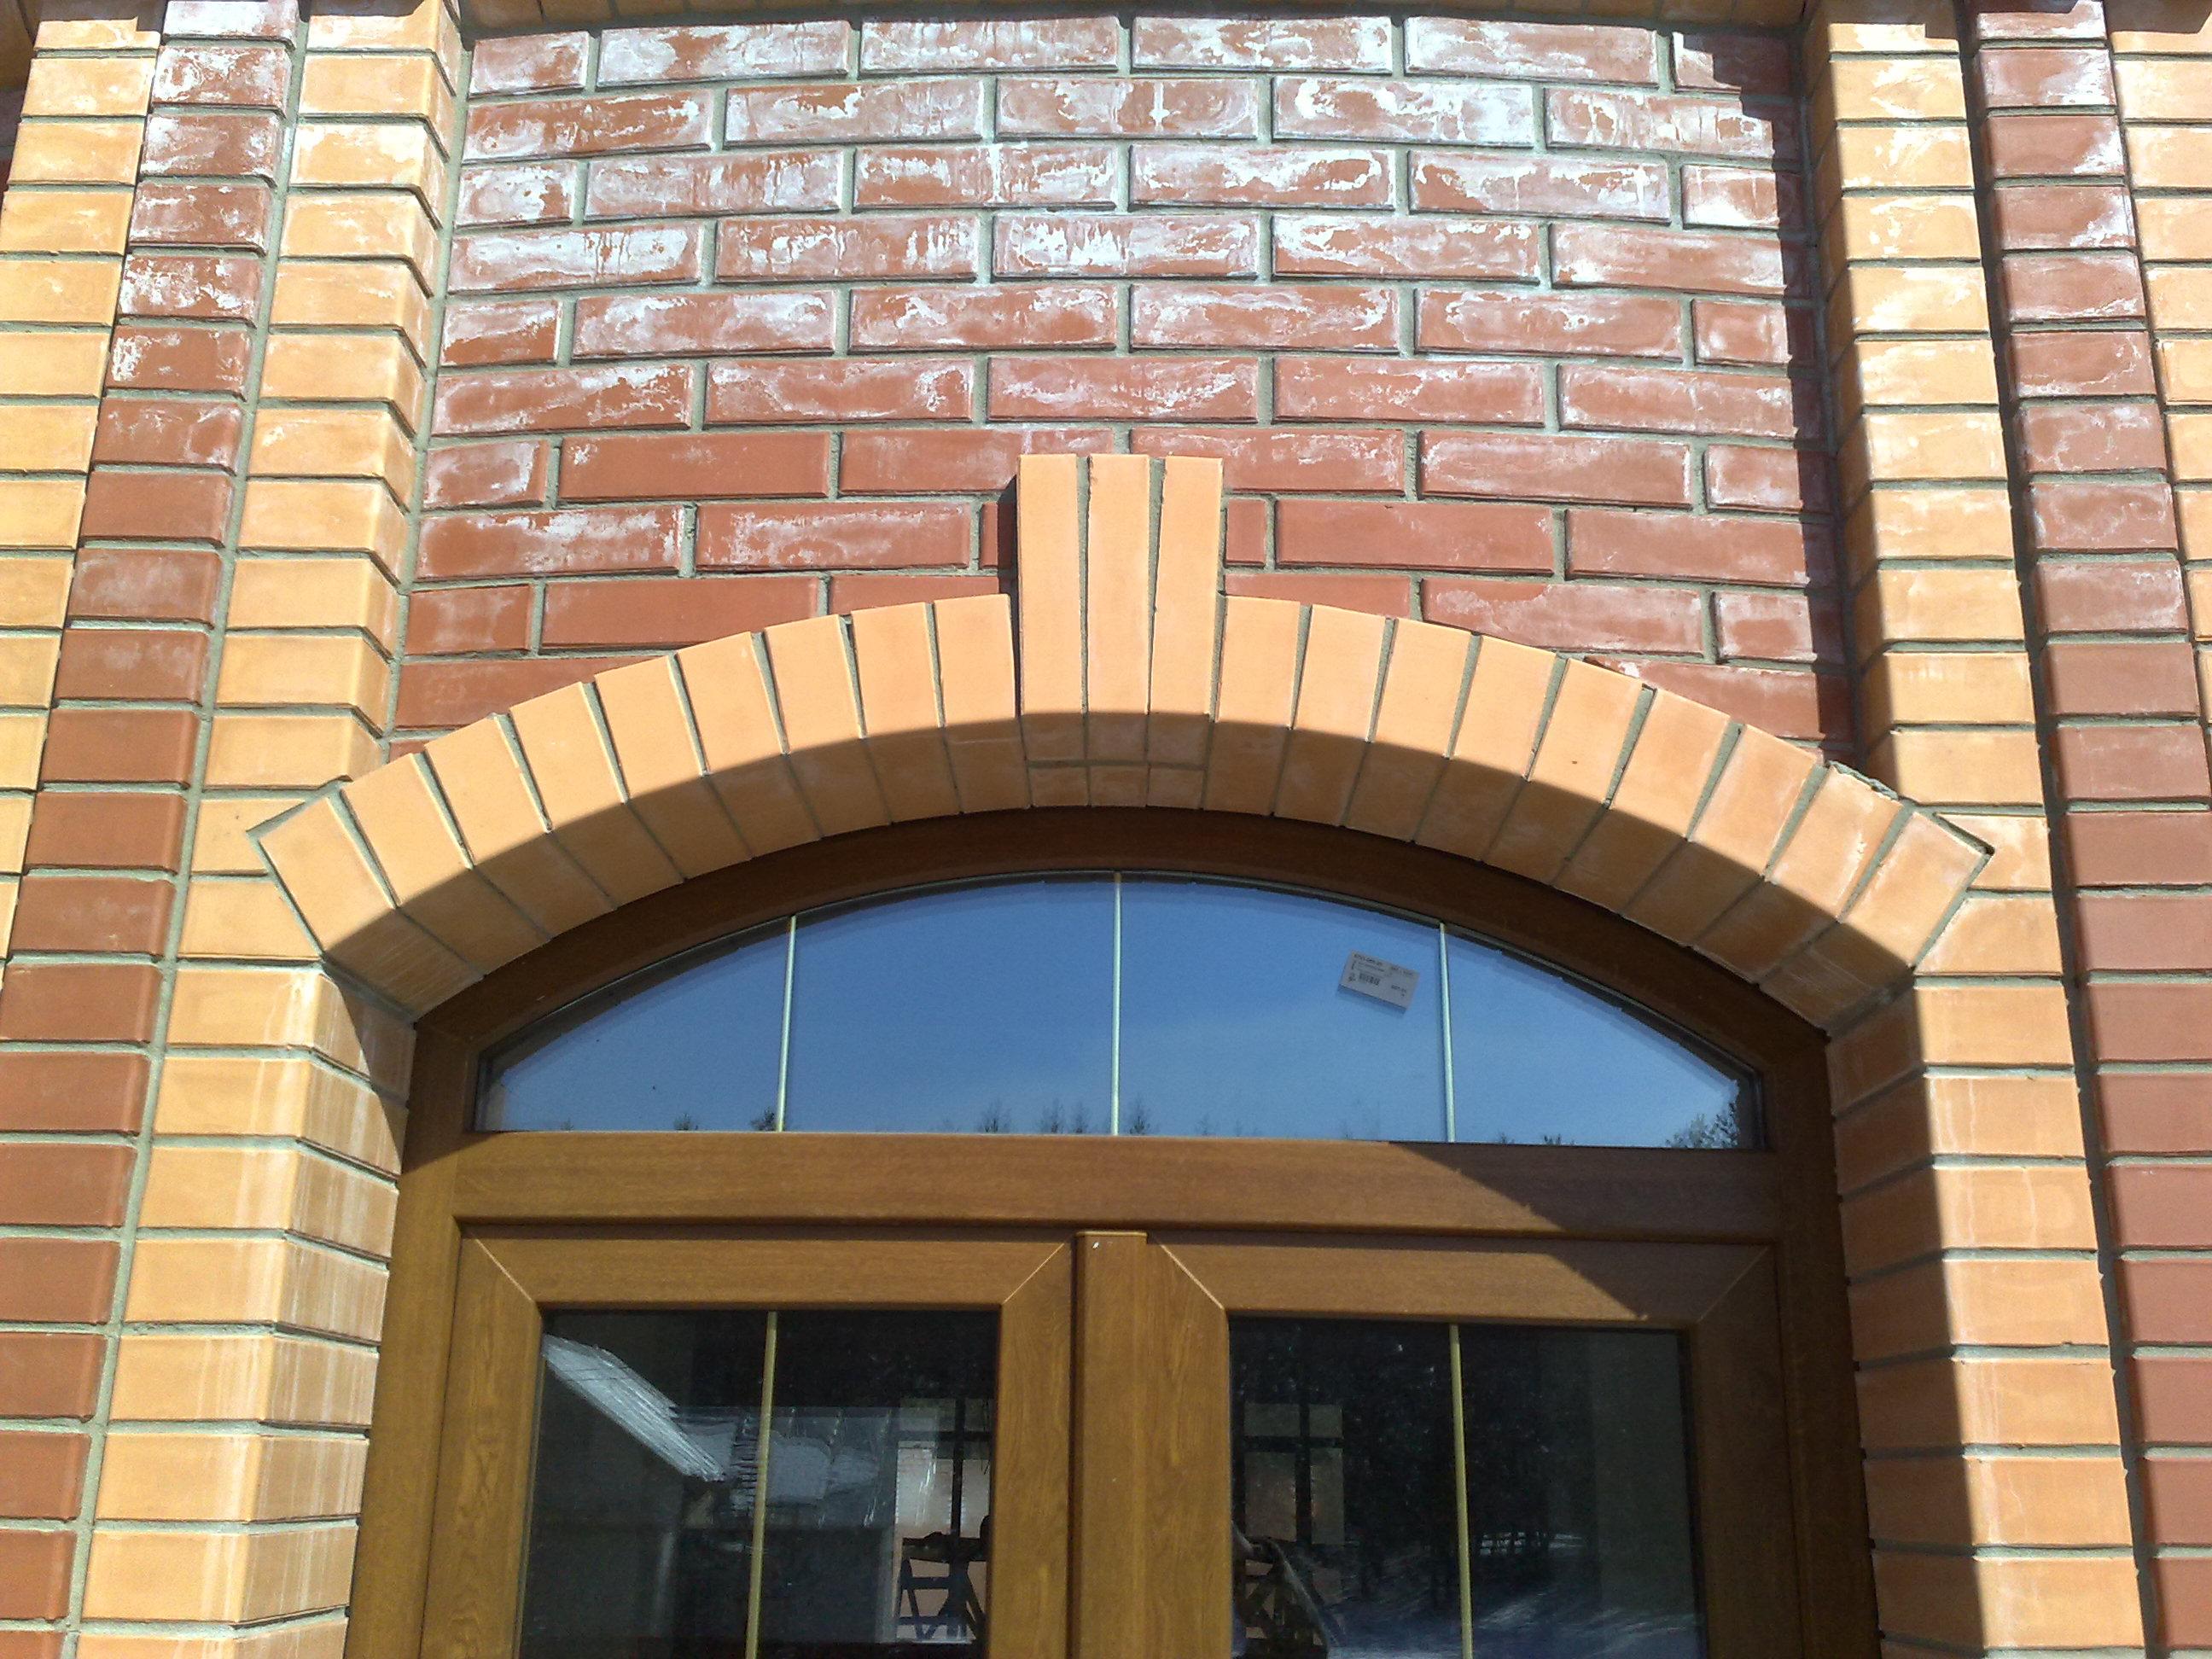 Декоративная отделка арок: обоями, деревом,плиткой, мозаикой, камнем. как отделать арку обоями, деревом, плиткой, мозаикой, камнеминформационный строительный сайт  